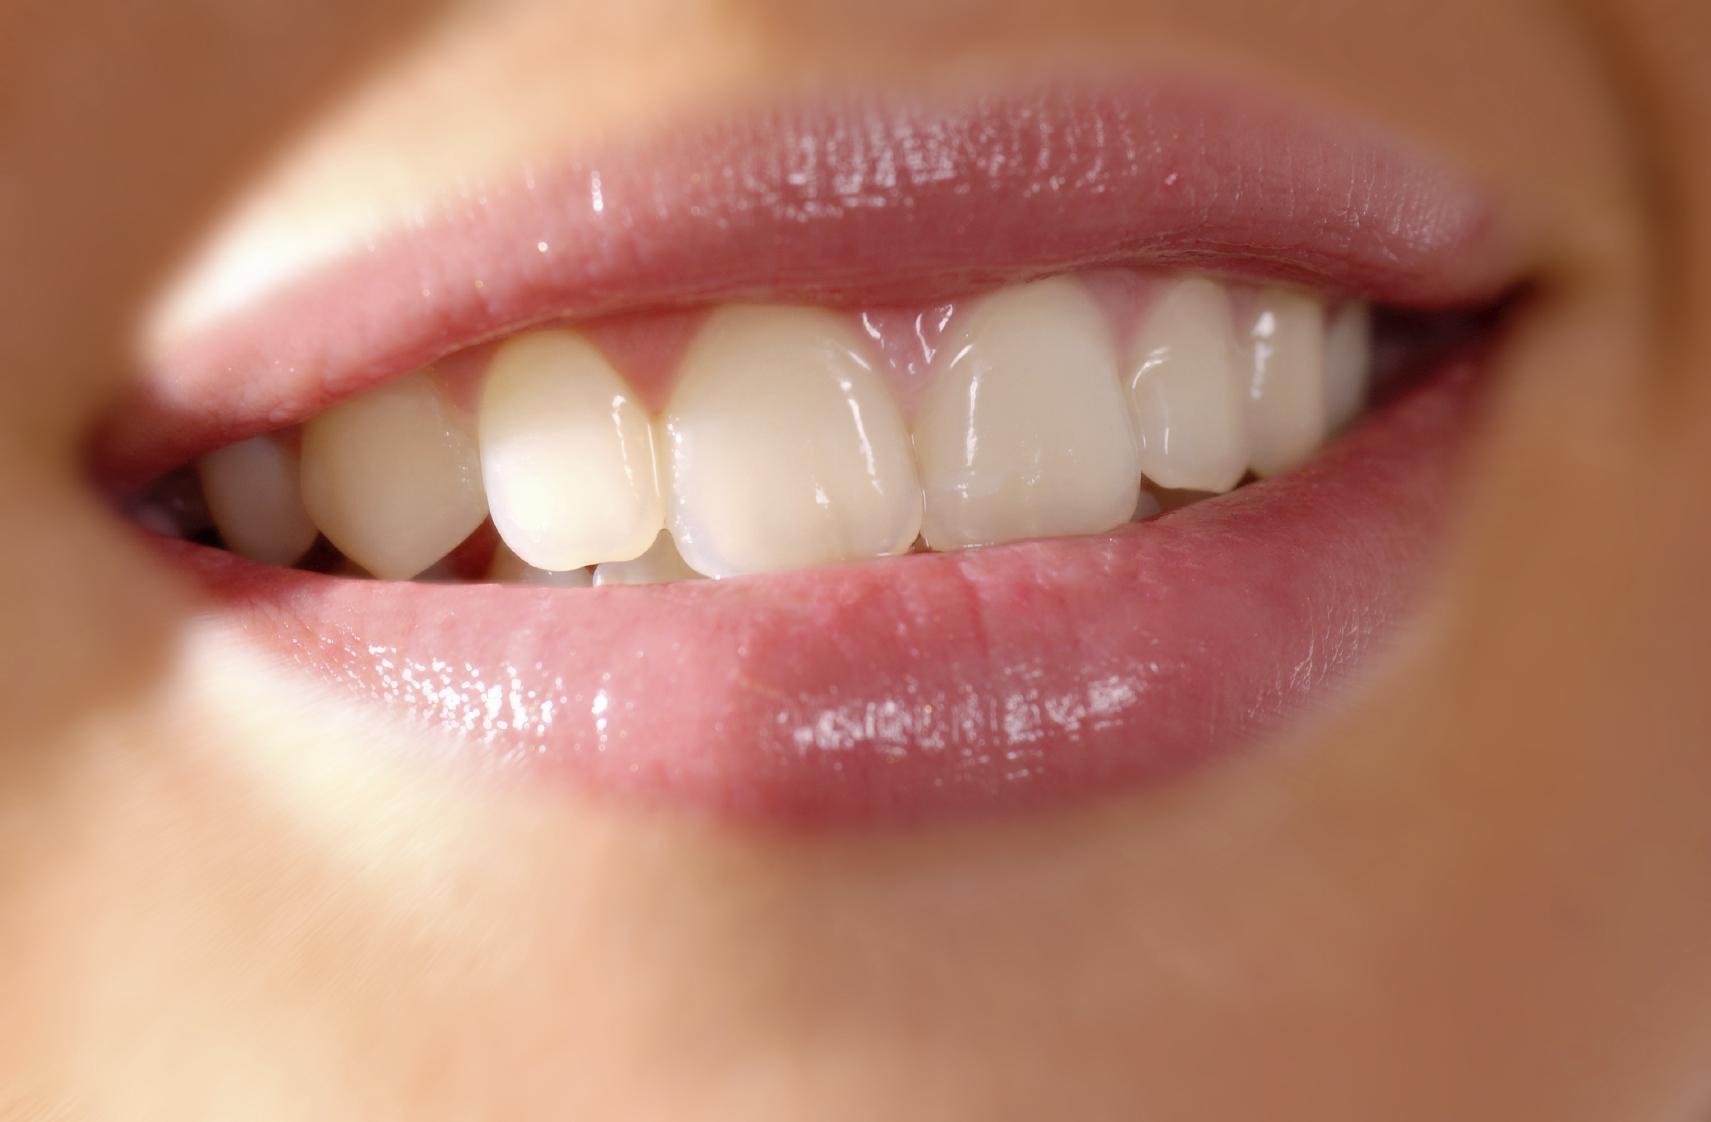 Medicii Oral Dent pot efectua reconstrucţii dentare şi pot stabili tratamente pentru bruxism